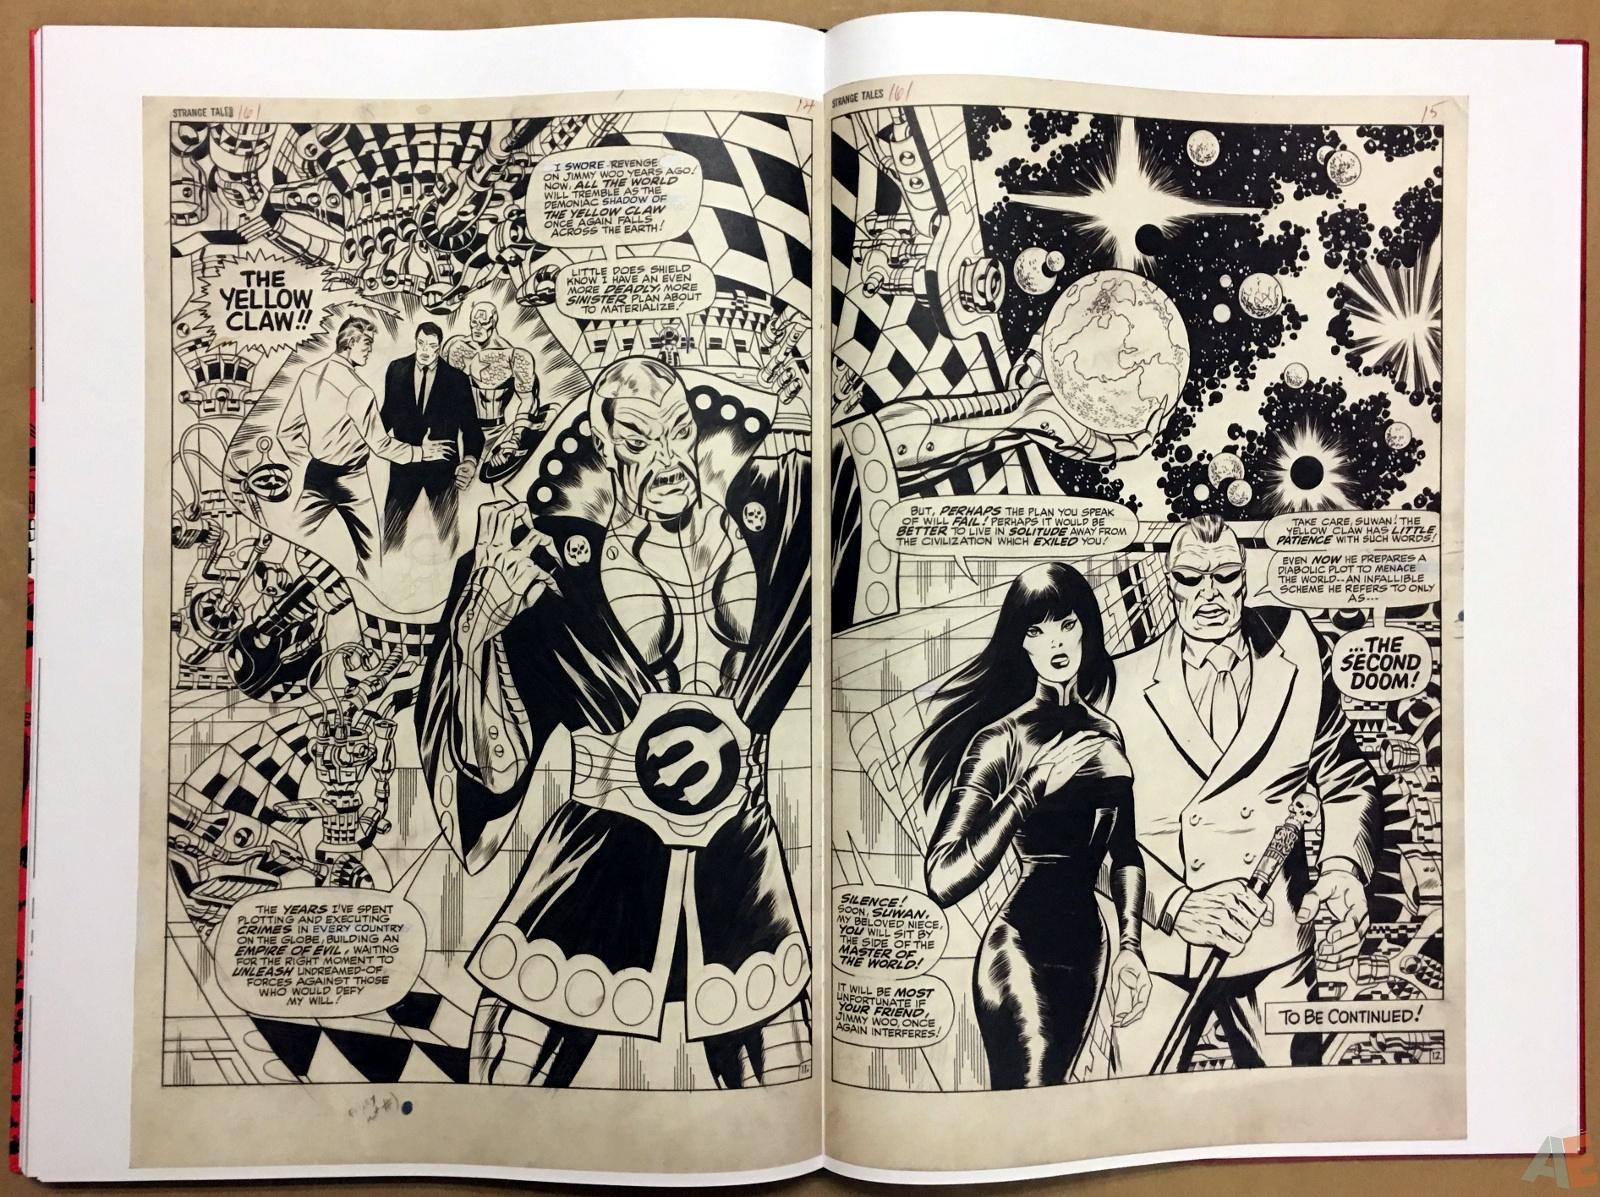 Steranko Nick Fury Agent of S.H.I.E.L.D. Artist's Edition 52